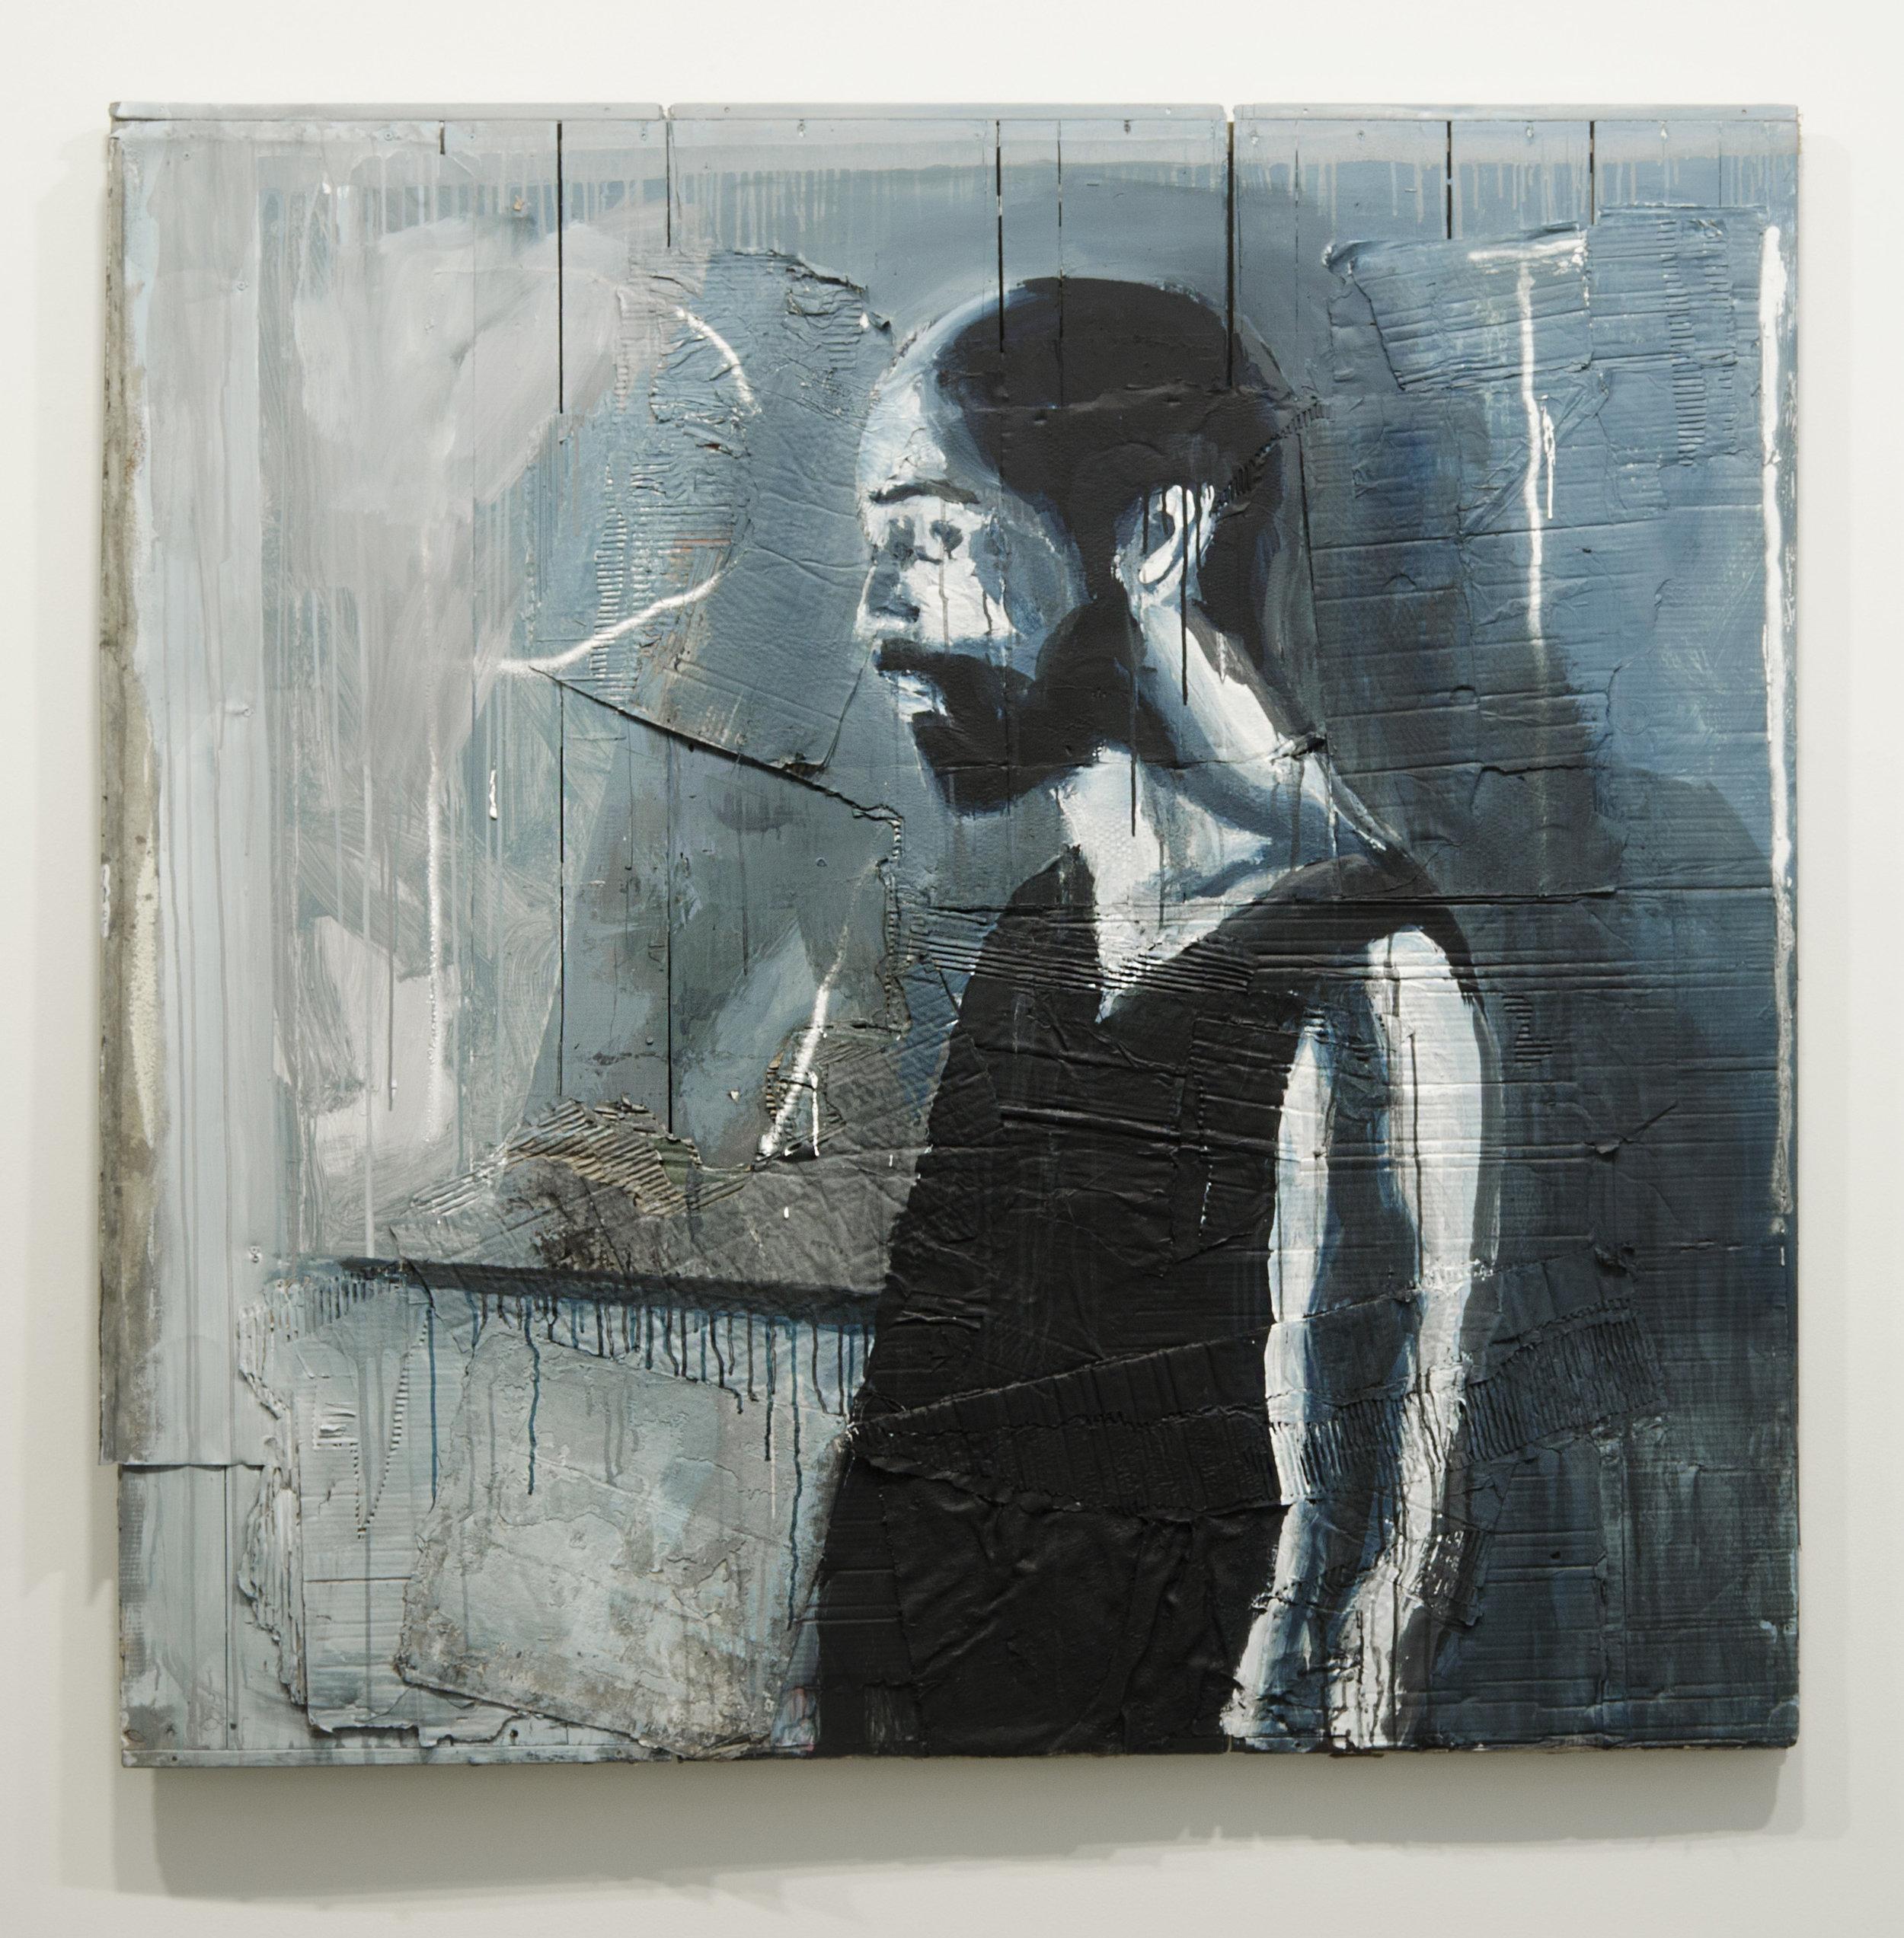 Aldo van den Broek - beautiful_distress_vi_acrylic_on_scrapwood_metal_cardboard_linen_150_x_155_cm_2016 (1).jpg